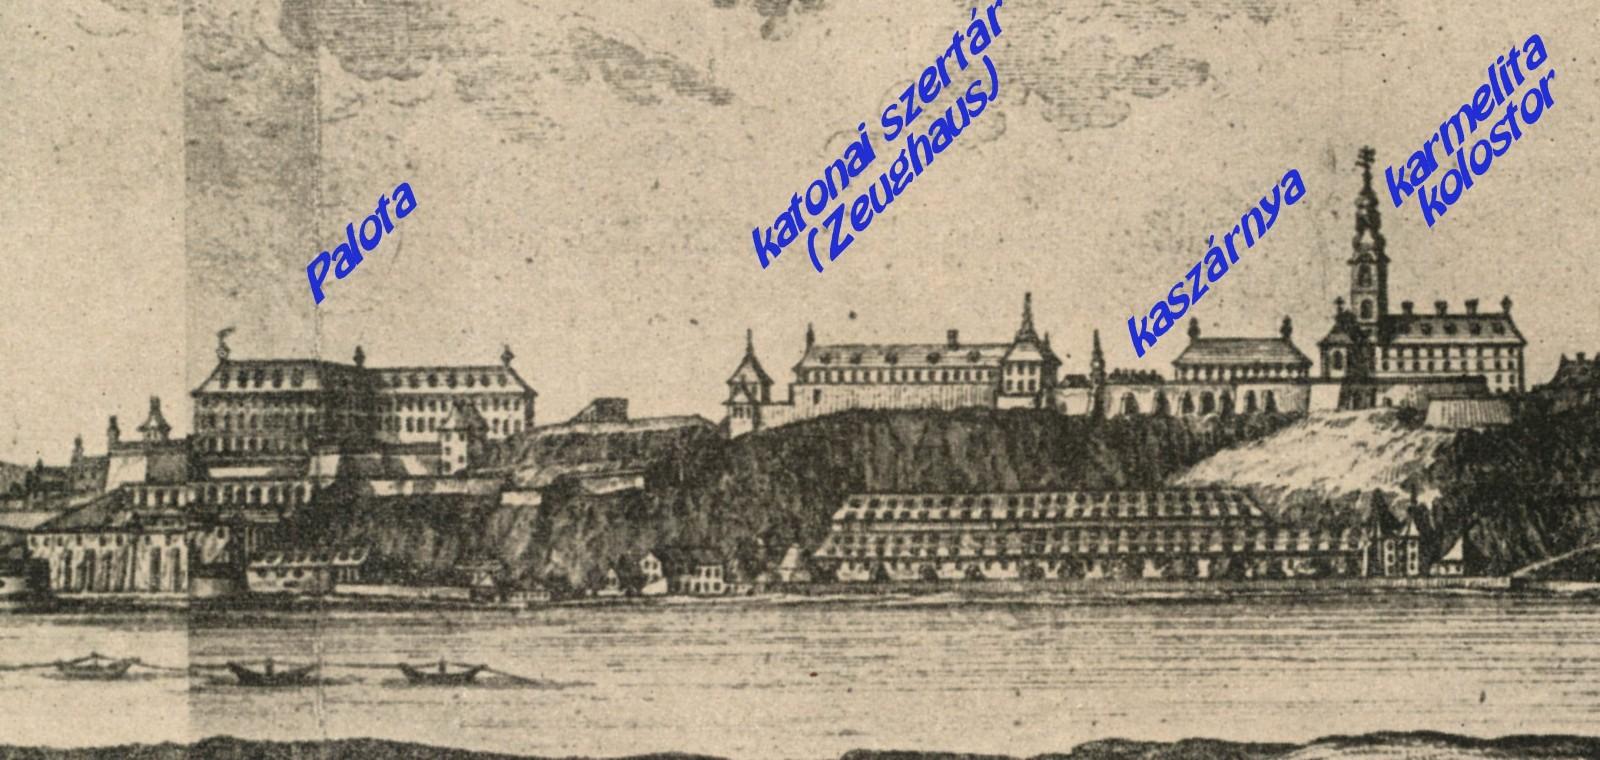 budapest-i-kerulet-budavari-katonai-szertar-zeughaus-_1.jpg